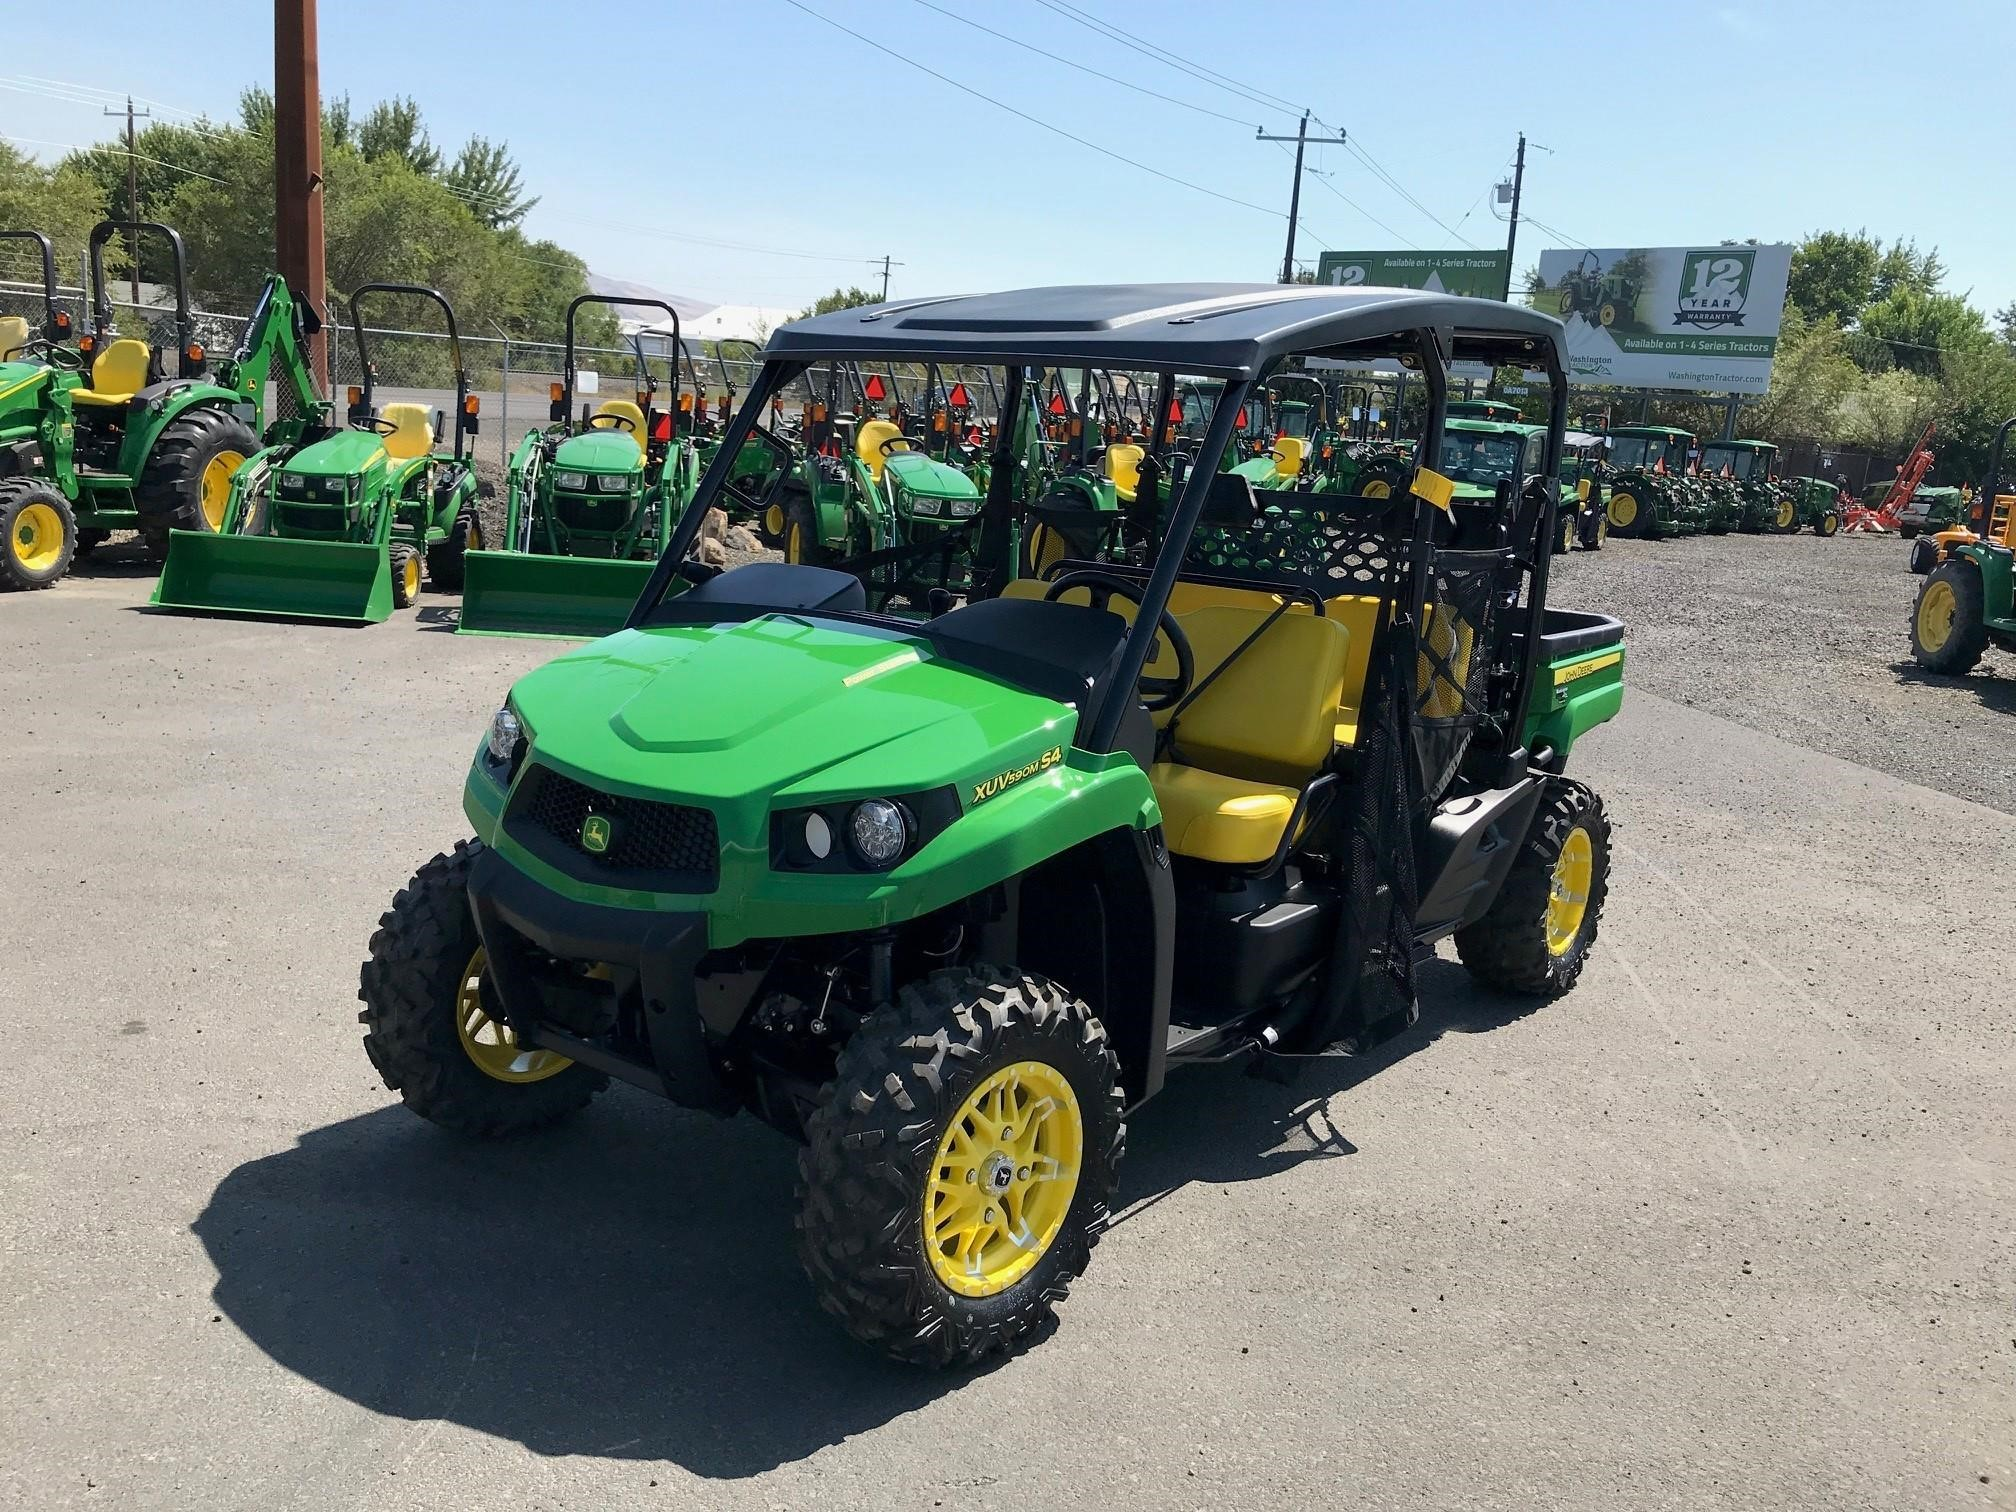 John Deere Gator For Sale >> 2019 John Deere Gator Xuv 590m S4